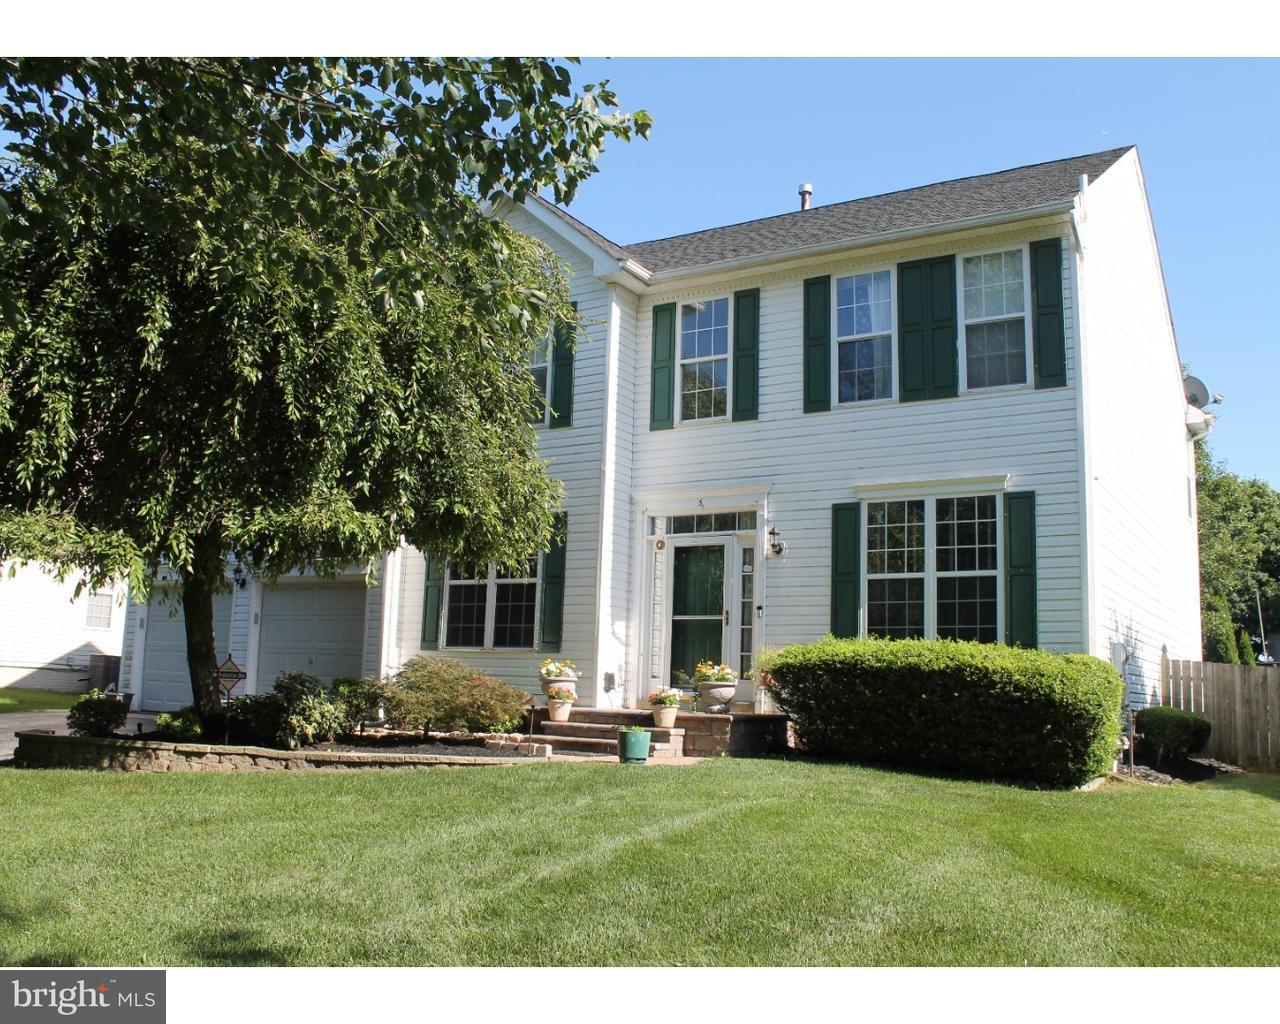 Maison unifamiliale pour l Vente à 3 PEMBERTON Lane East Windsor, New Jersey 08520 États-UnisDans/Autour: East Windsor Township